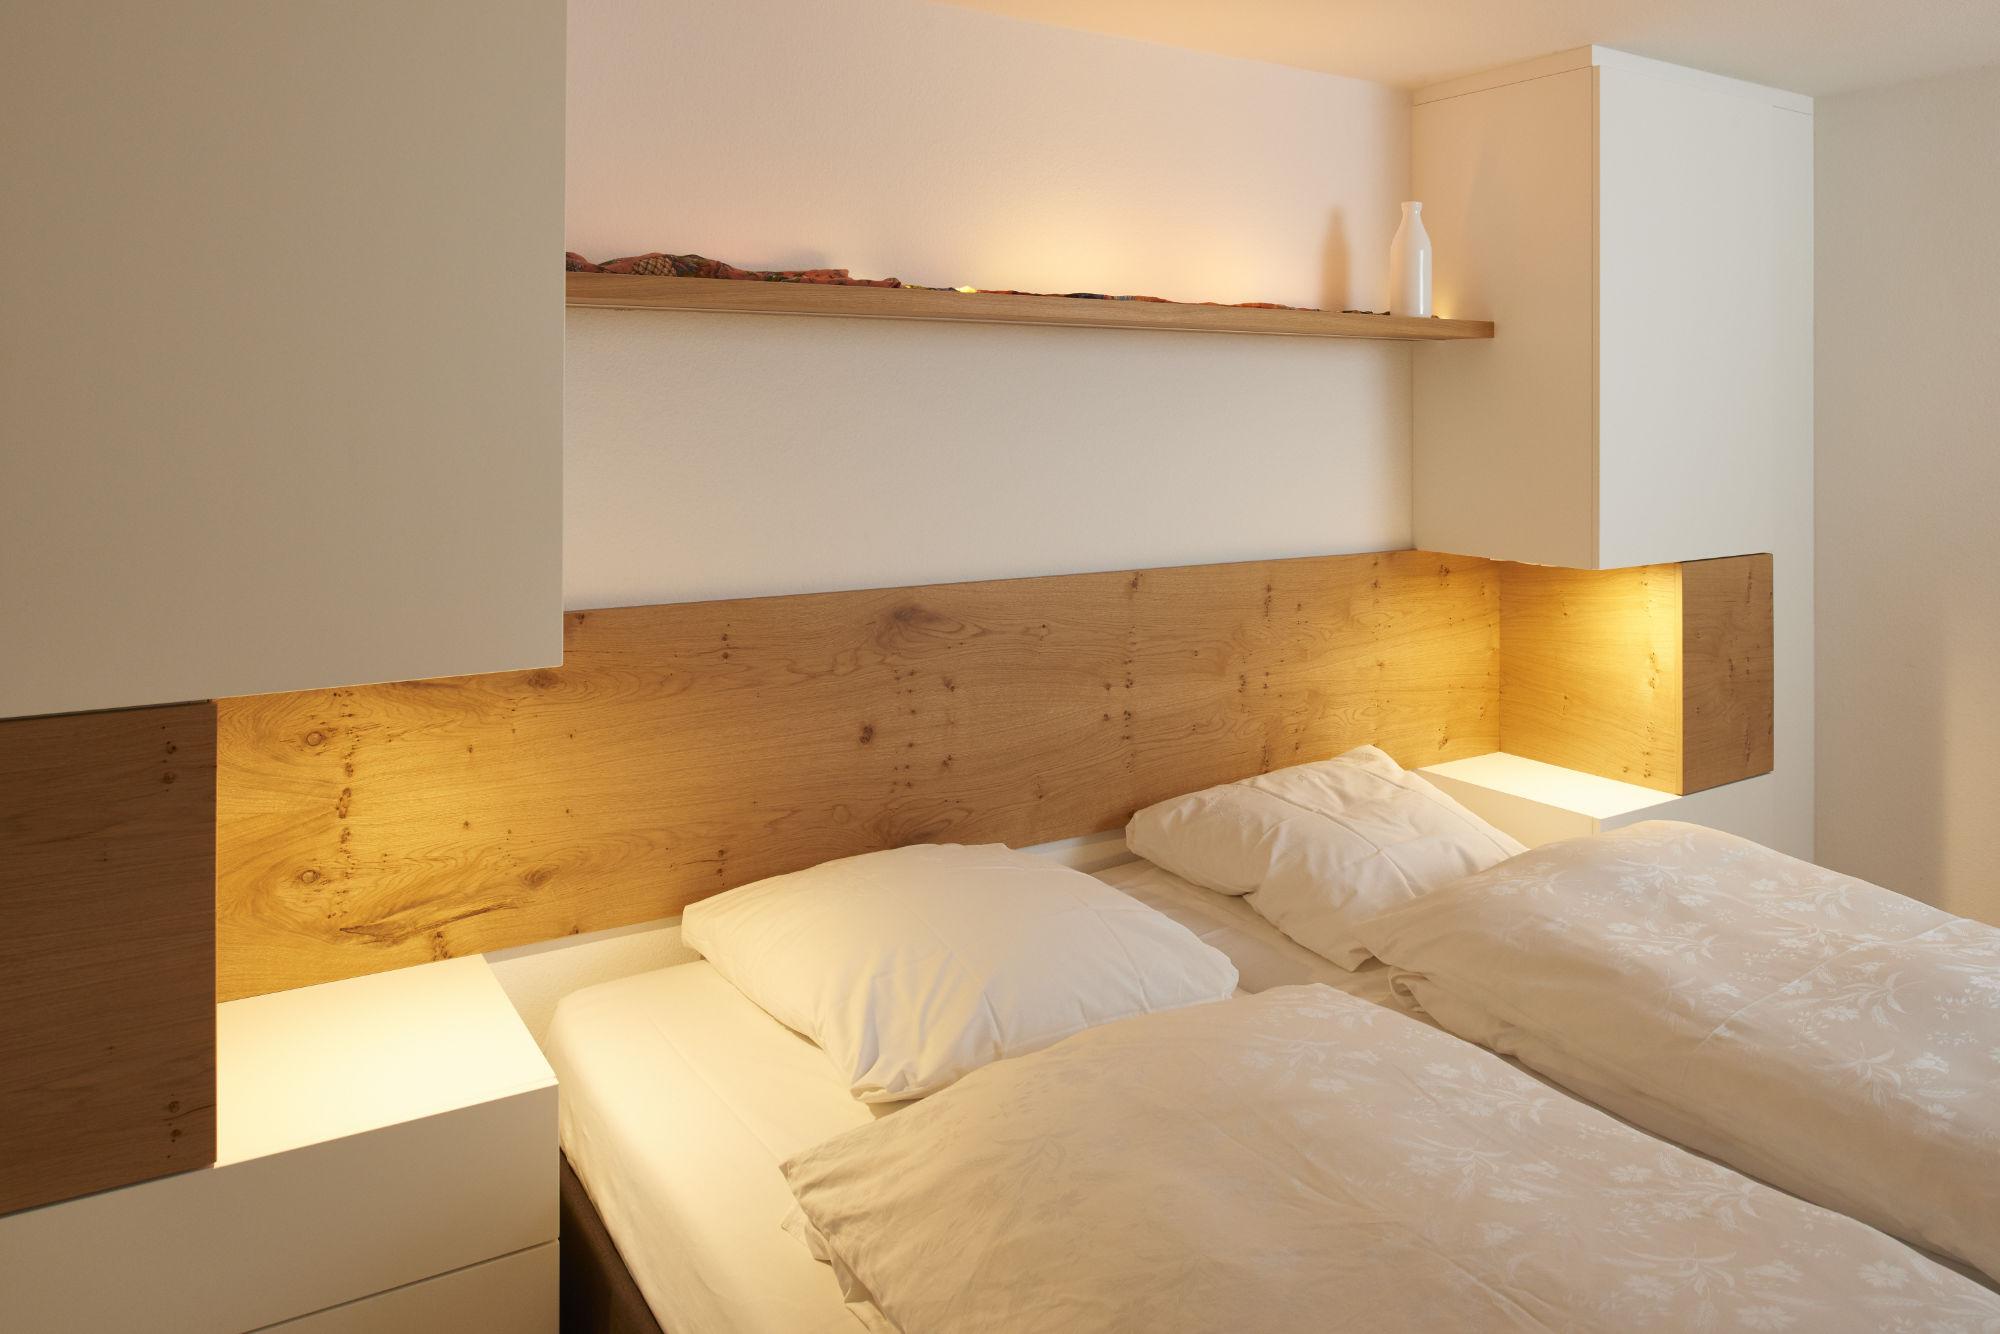 Groß Schlafzimmer Einrichtung Sie Ihn Bilder - Die Designideen für ...